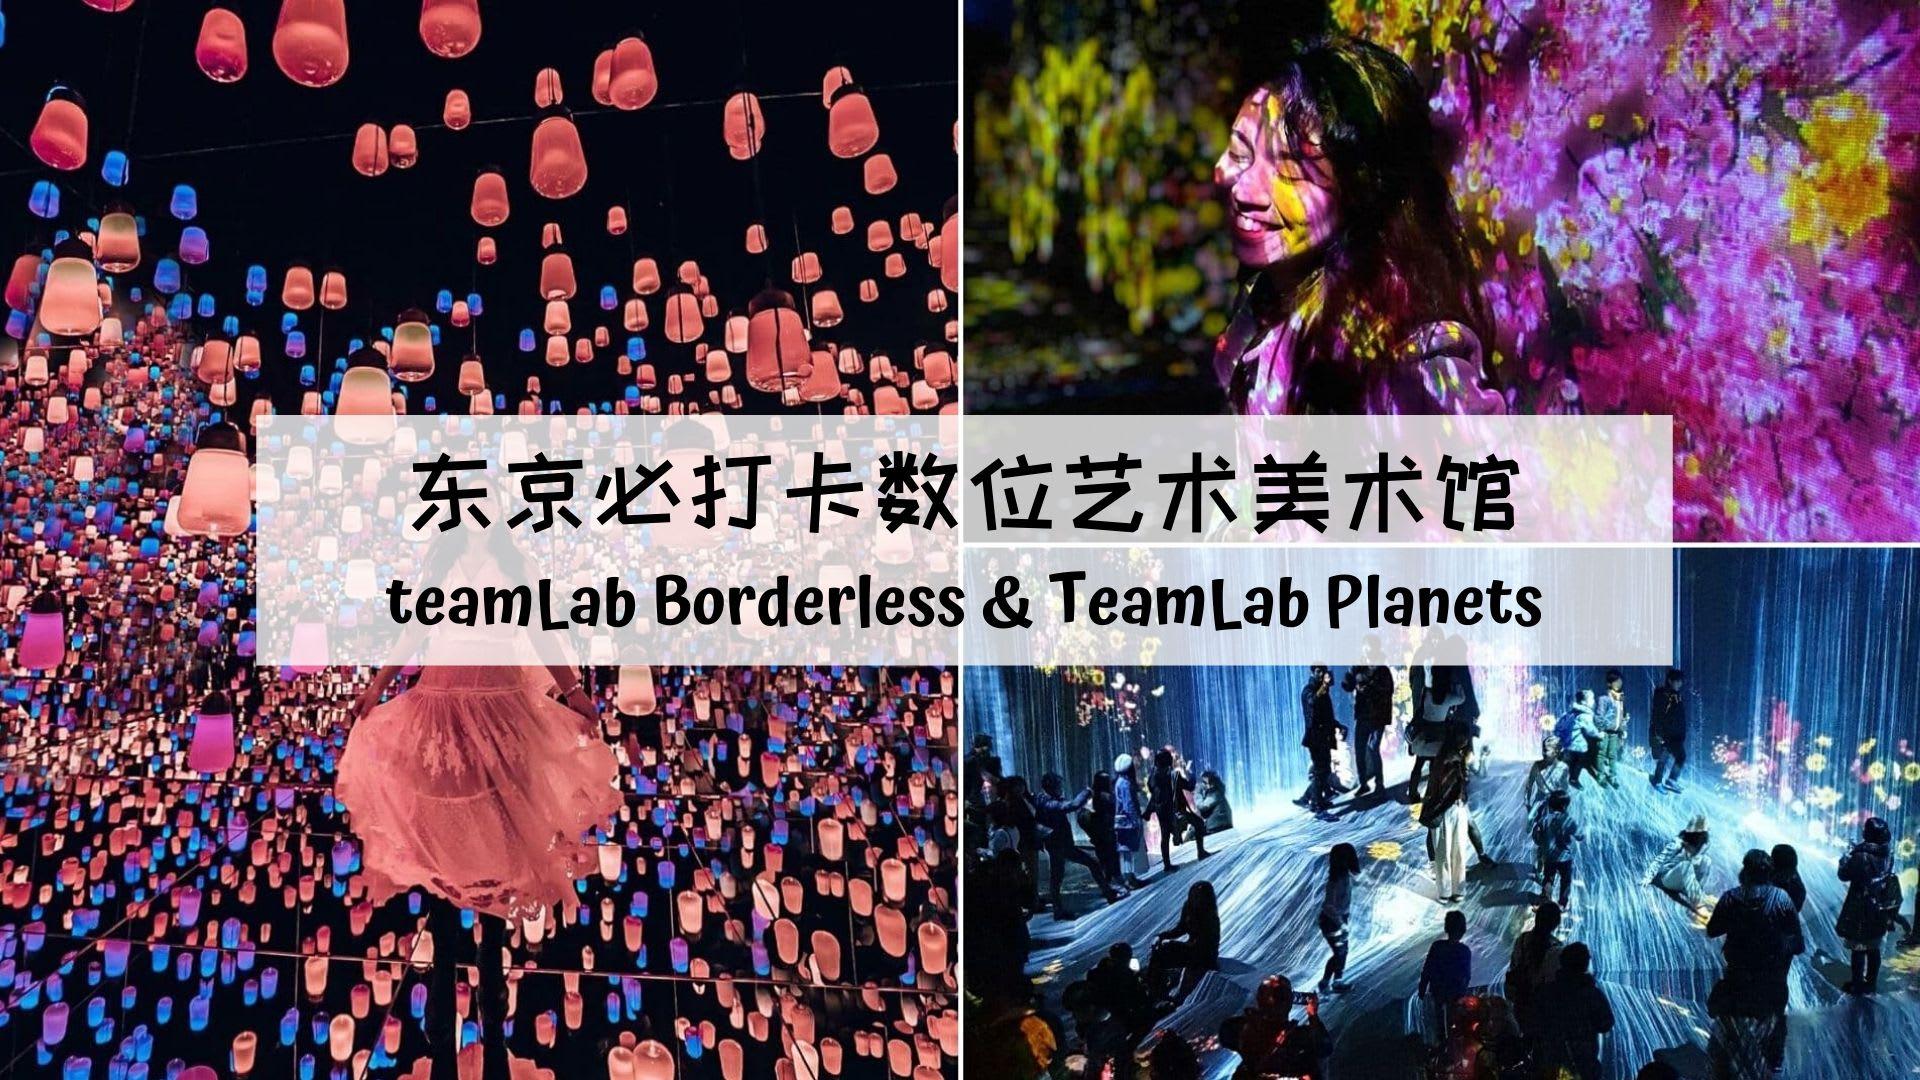 东京teamLab Borderless数位艺术美术馆及TeamLab Planets